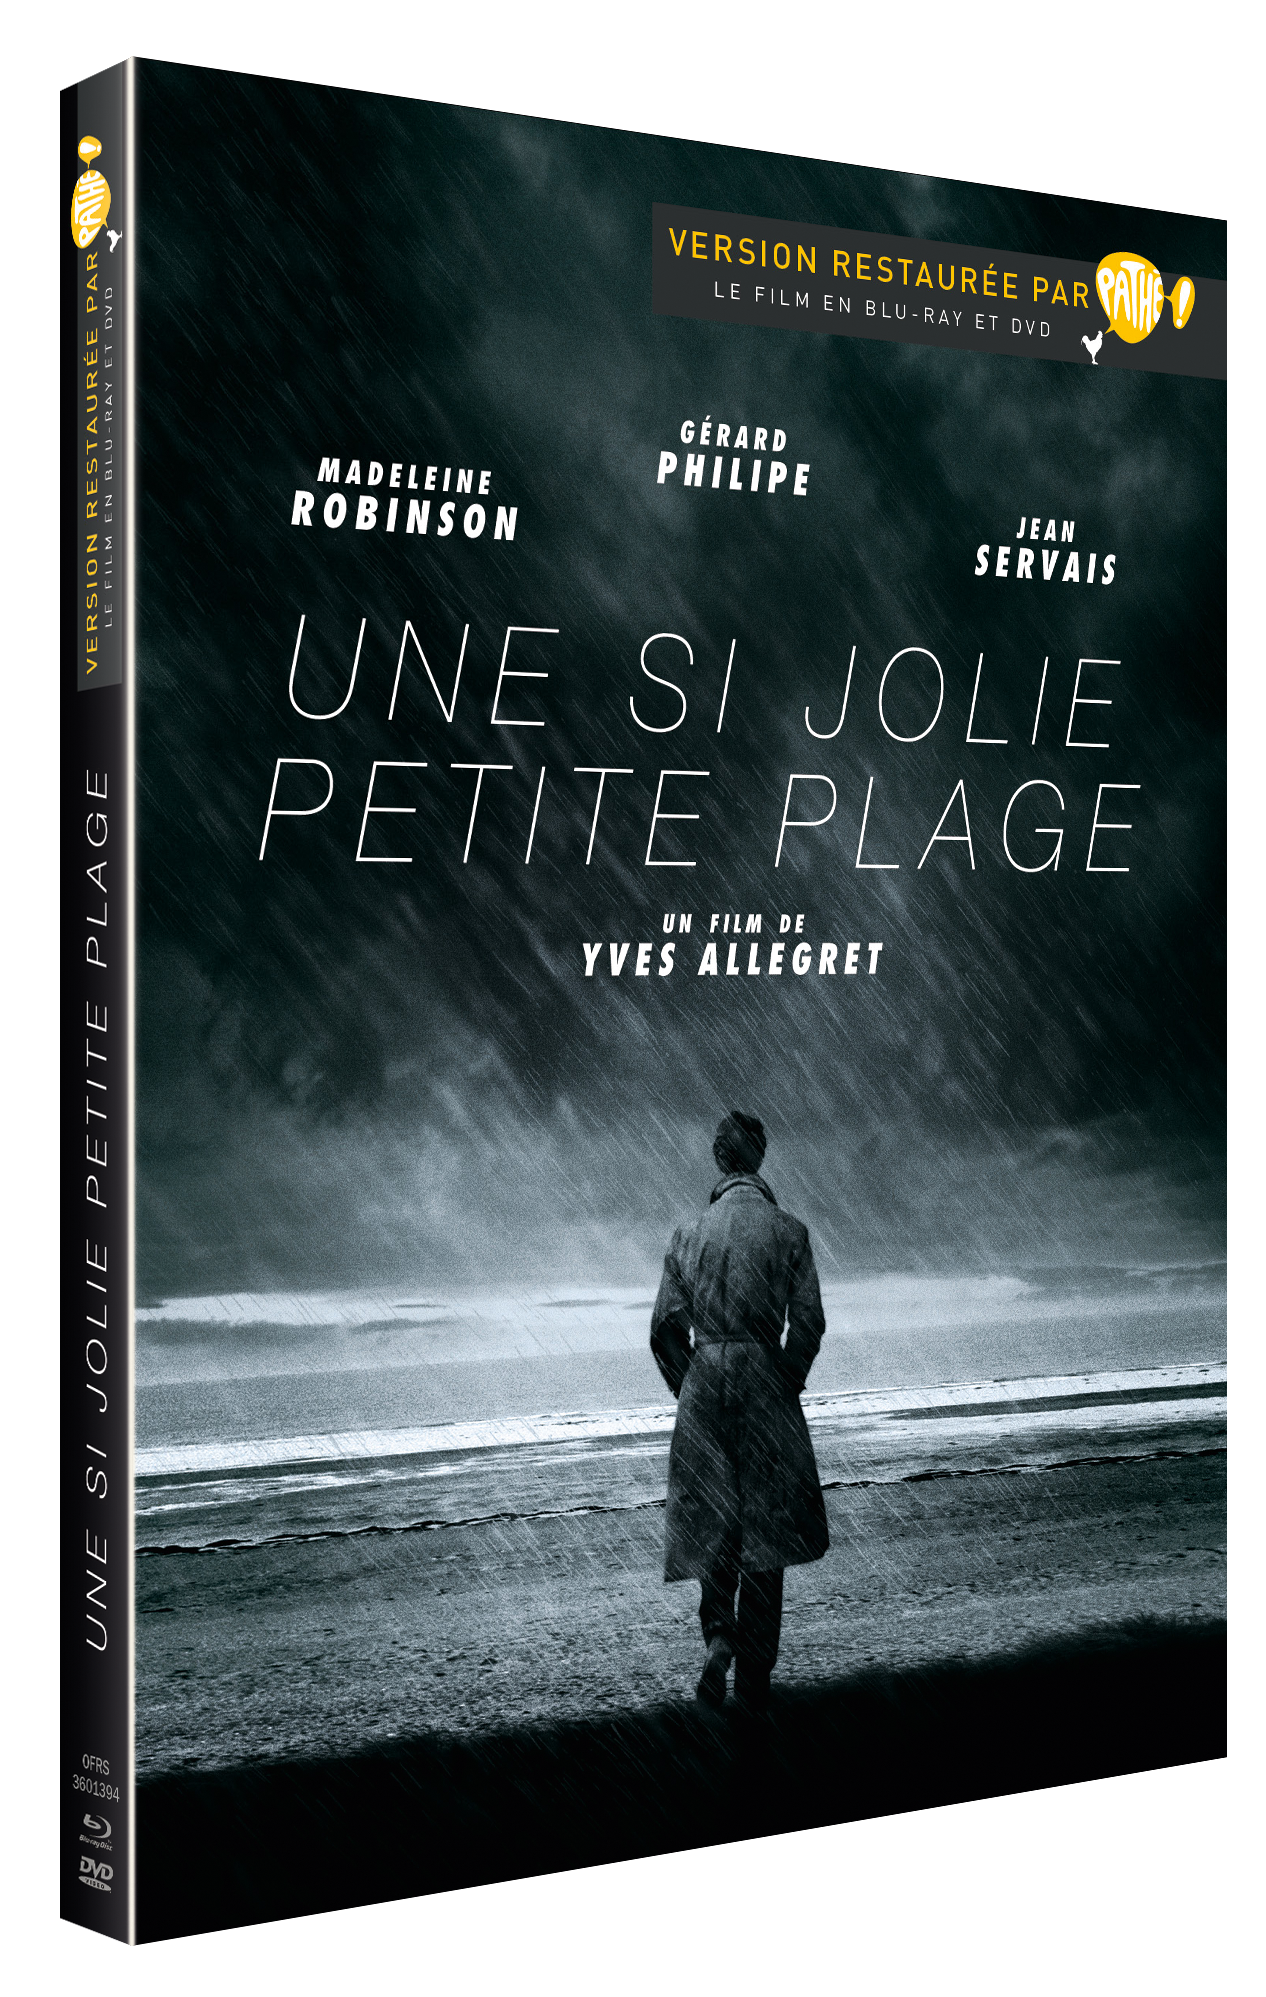 SI JOLIE PETITE PLAGE (UNE) - COMBO